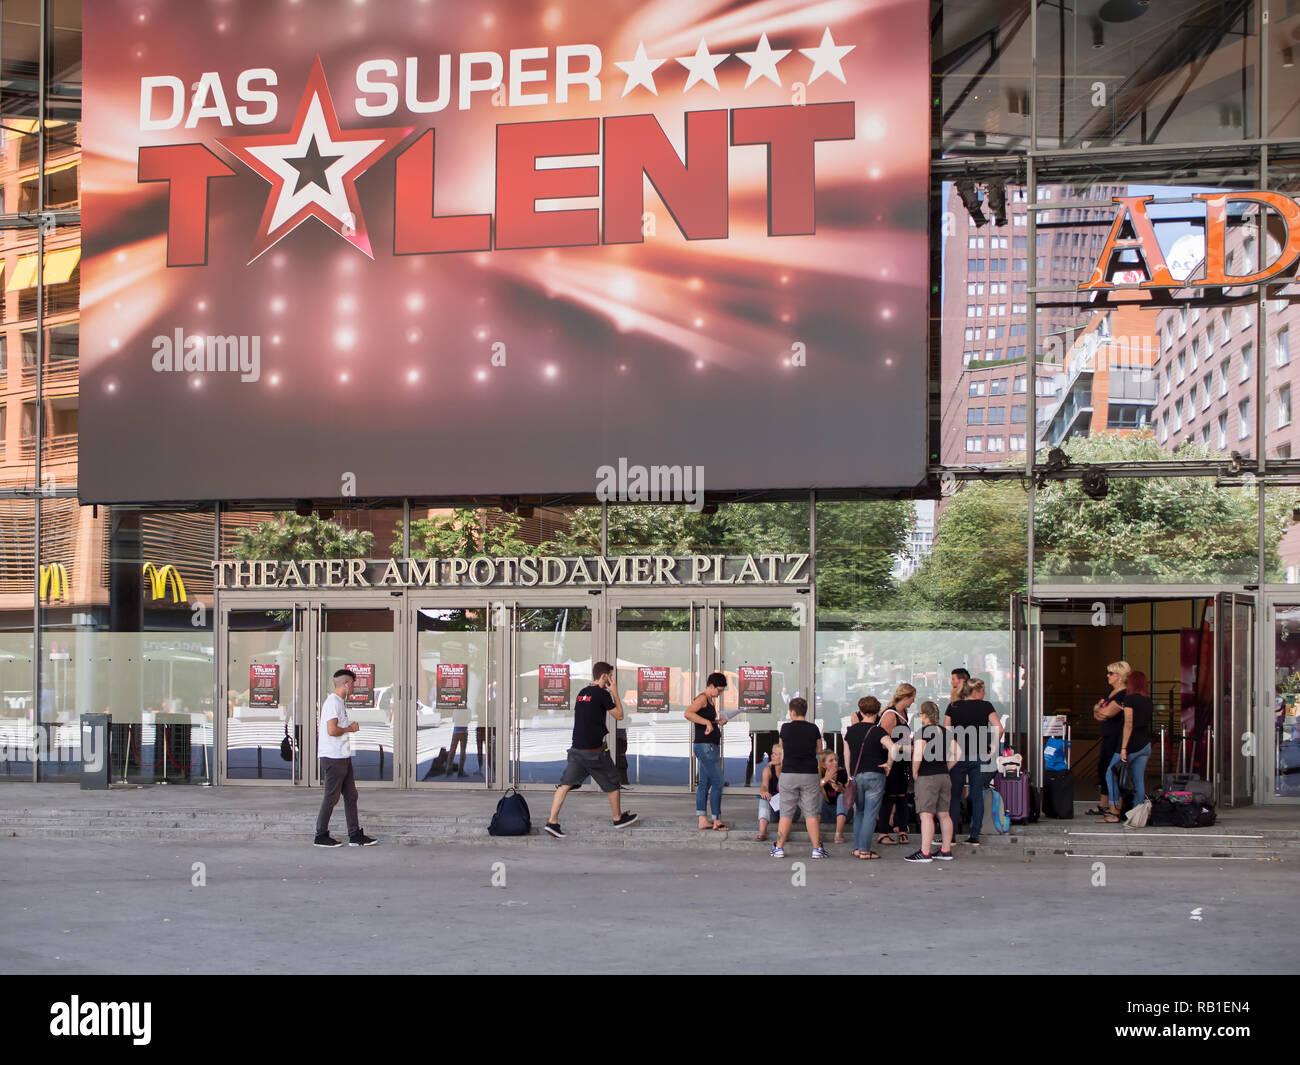 BERLIN, DEUTSCHLAND - 30. JULI 2017: die Teilnehmer der Deutschen TV-Show Das Supertalent Vor der Bühne Theater am Potsdamer Platz in Berlin. Stockbild